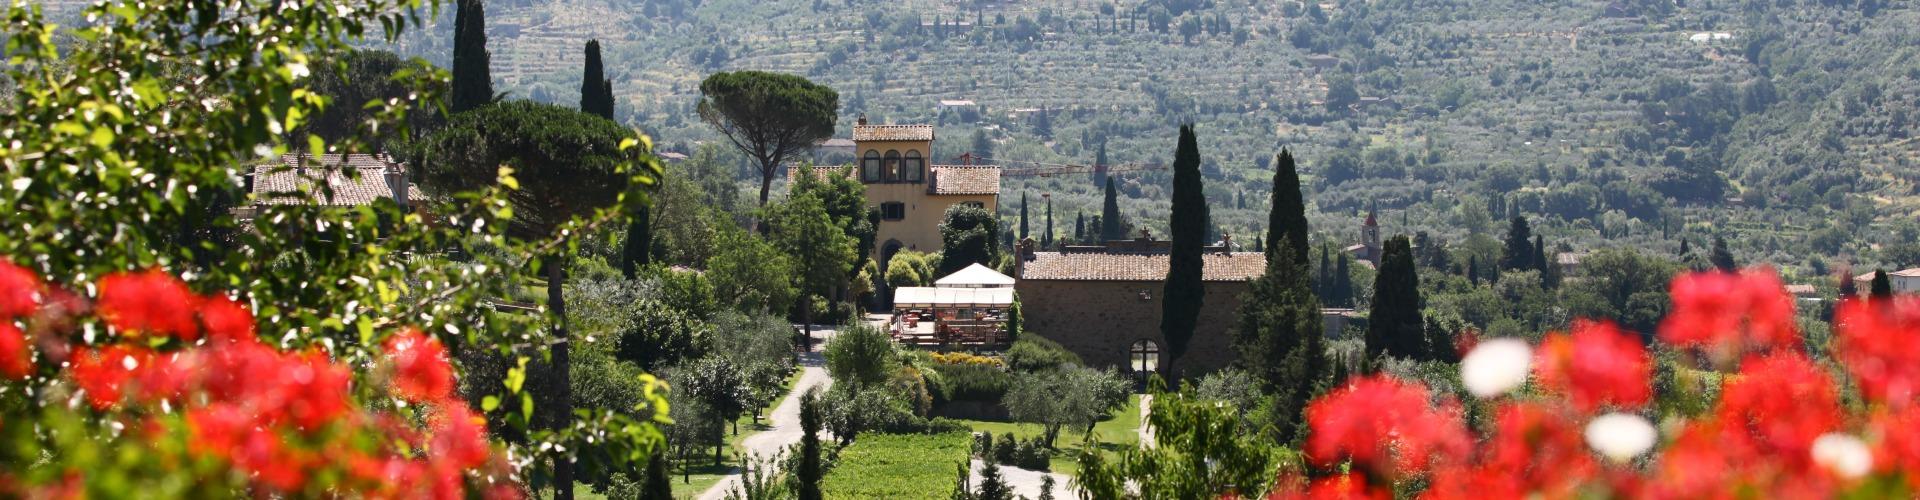 Ausblick auf das Weingut Baracchi